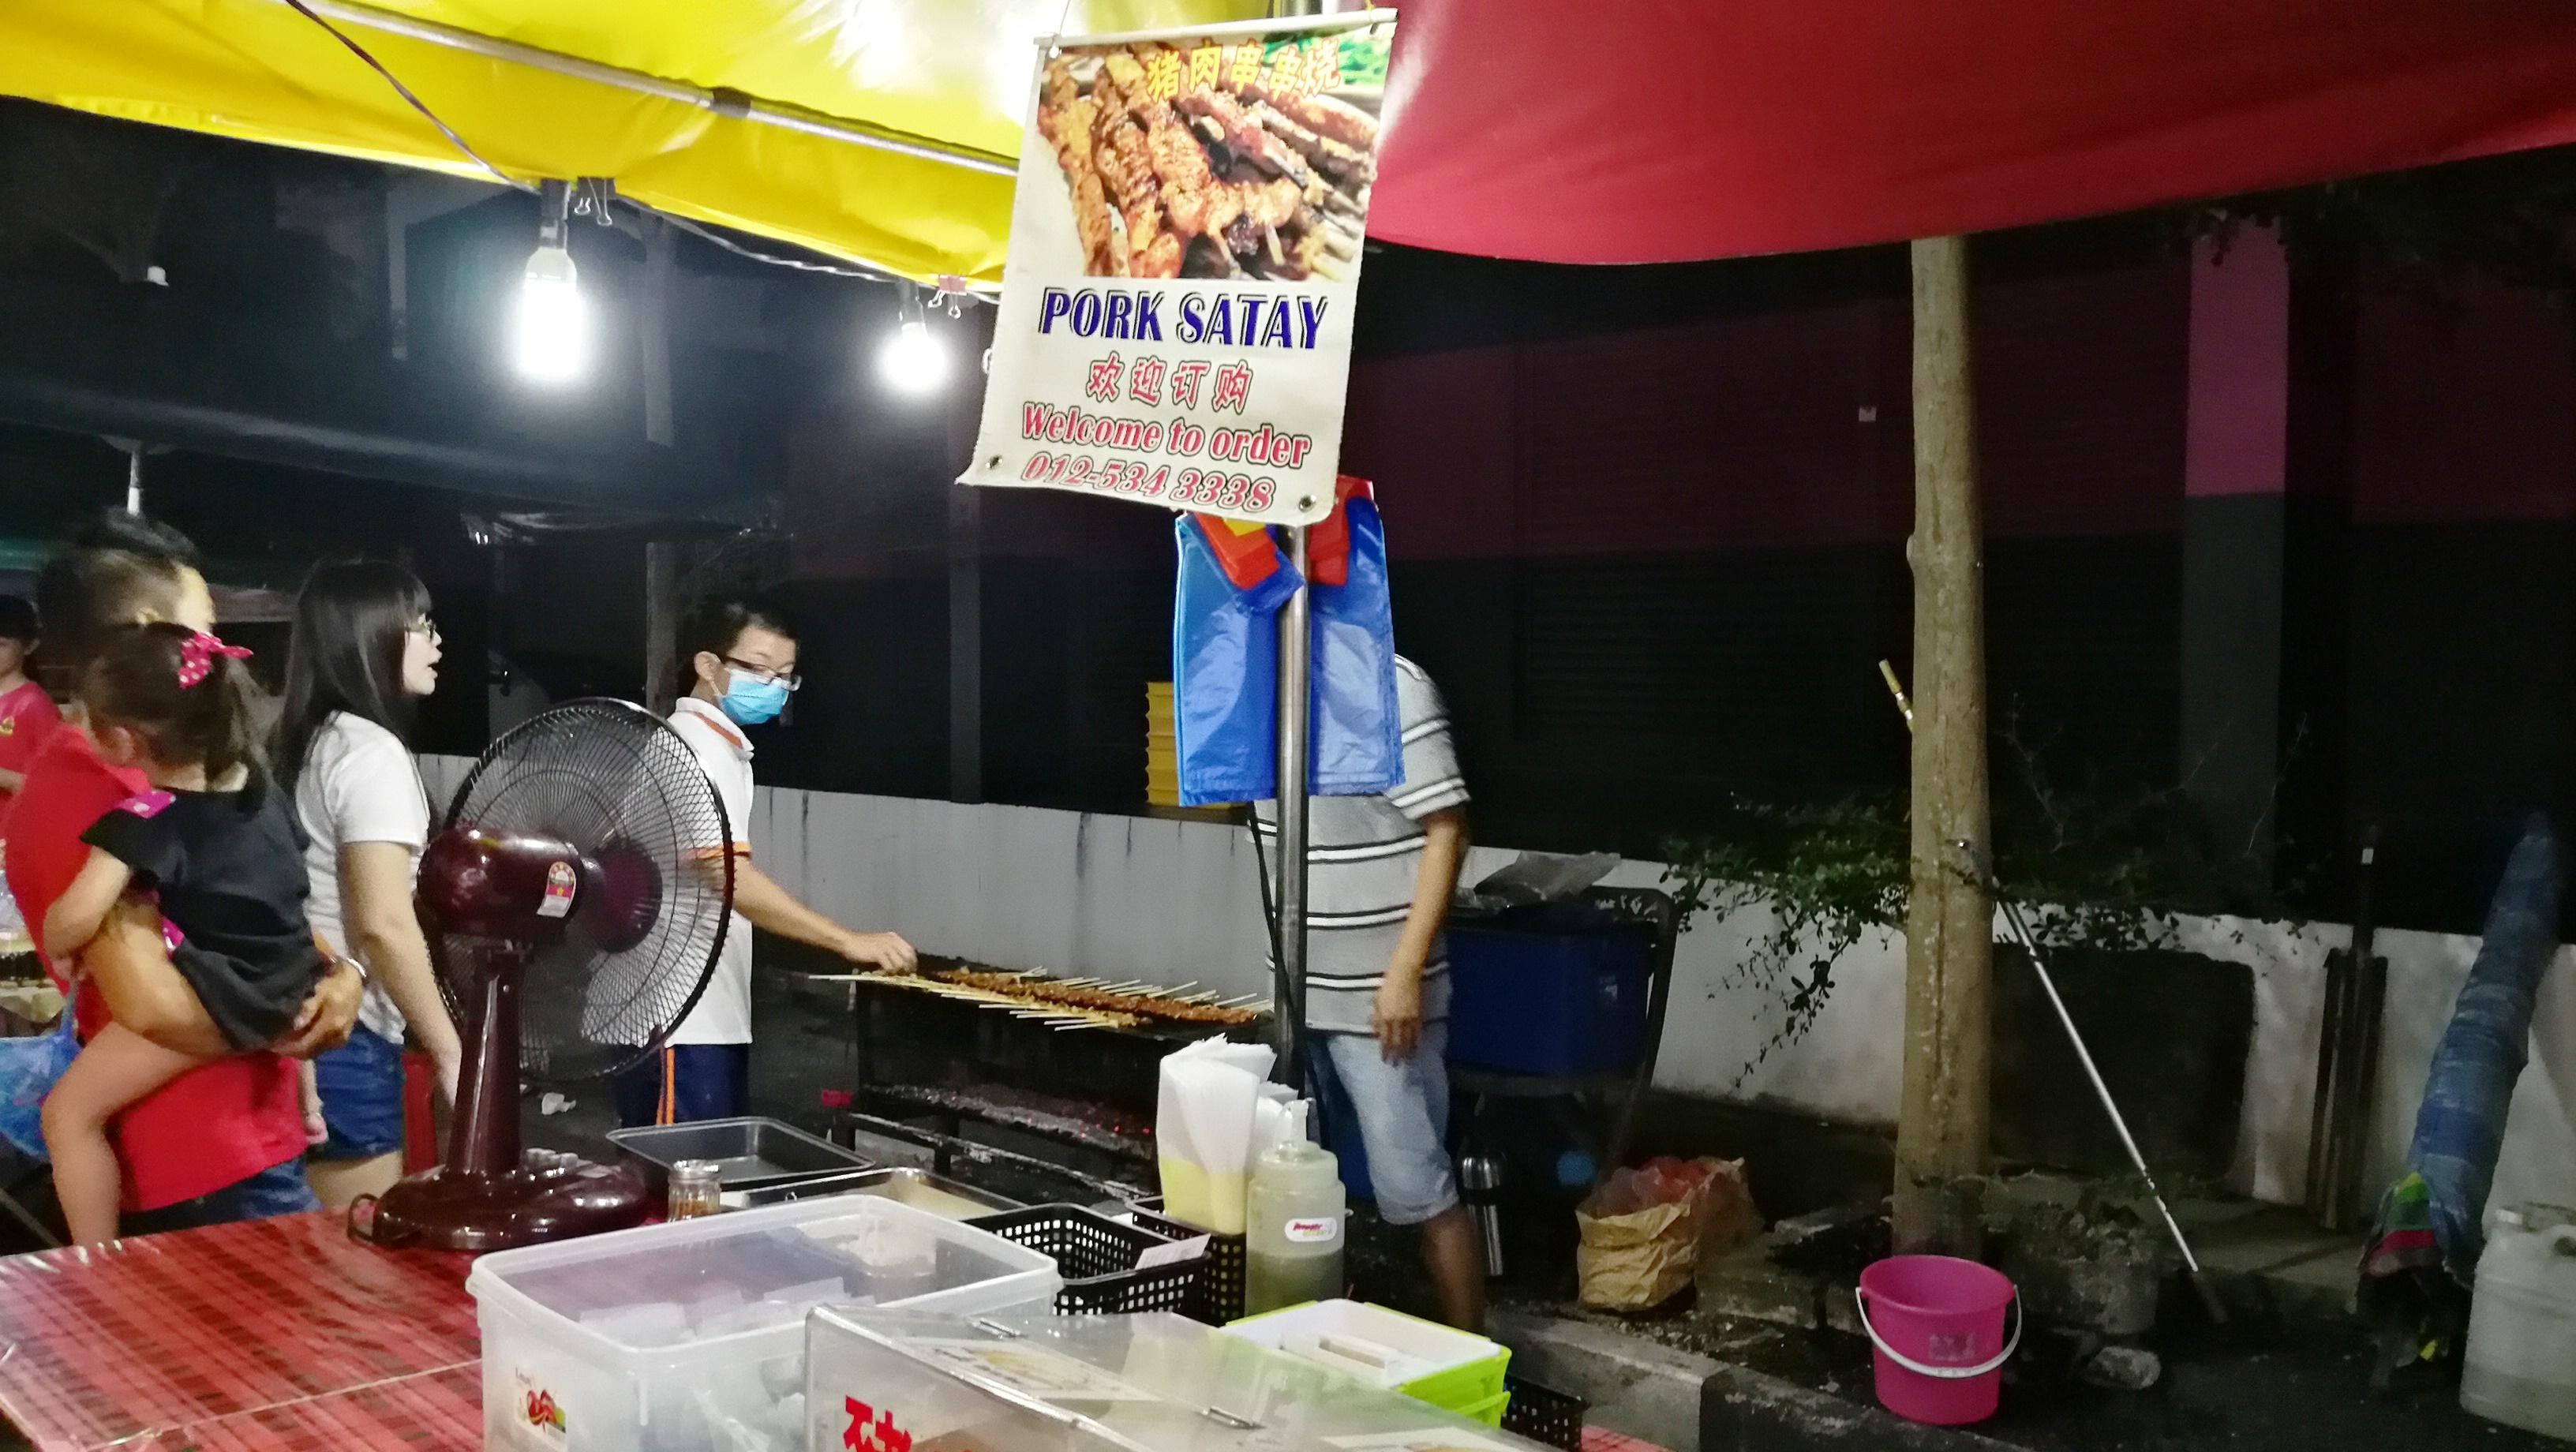 猪肉沙爹是逛夜市不容错过的小吃。-M中文网摄-